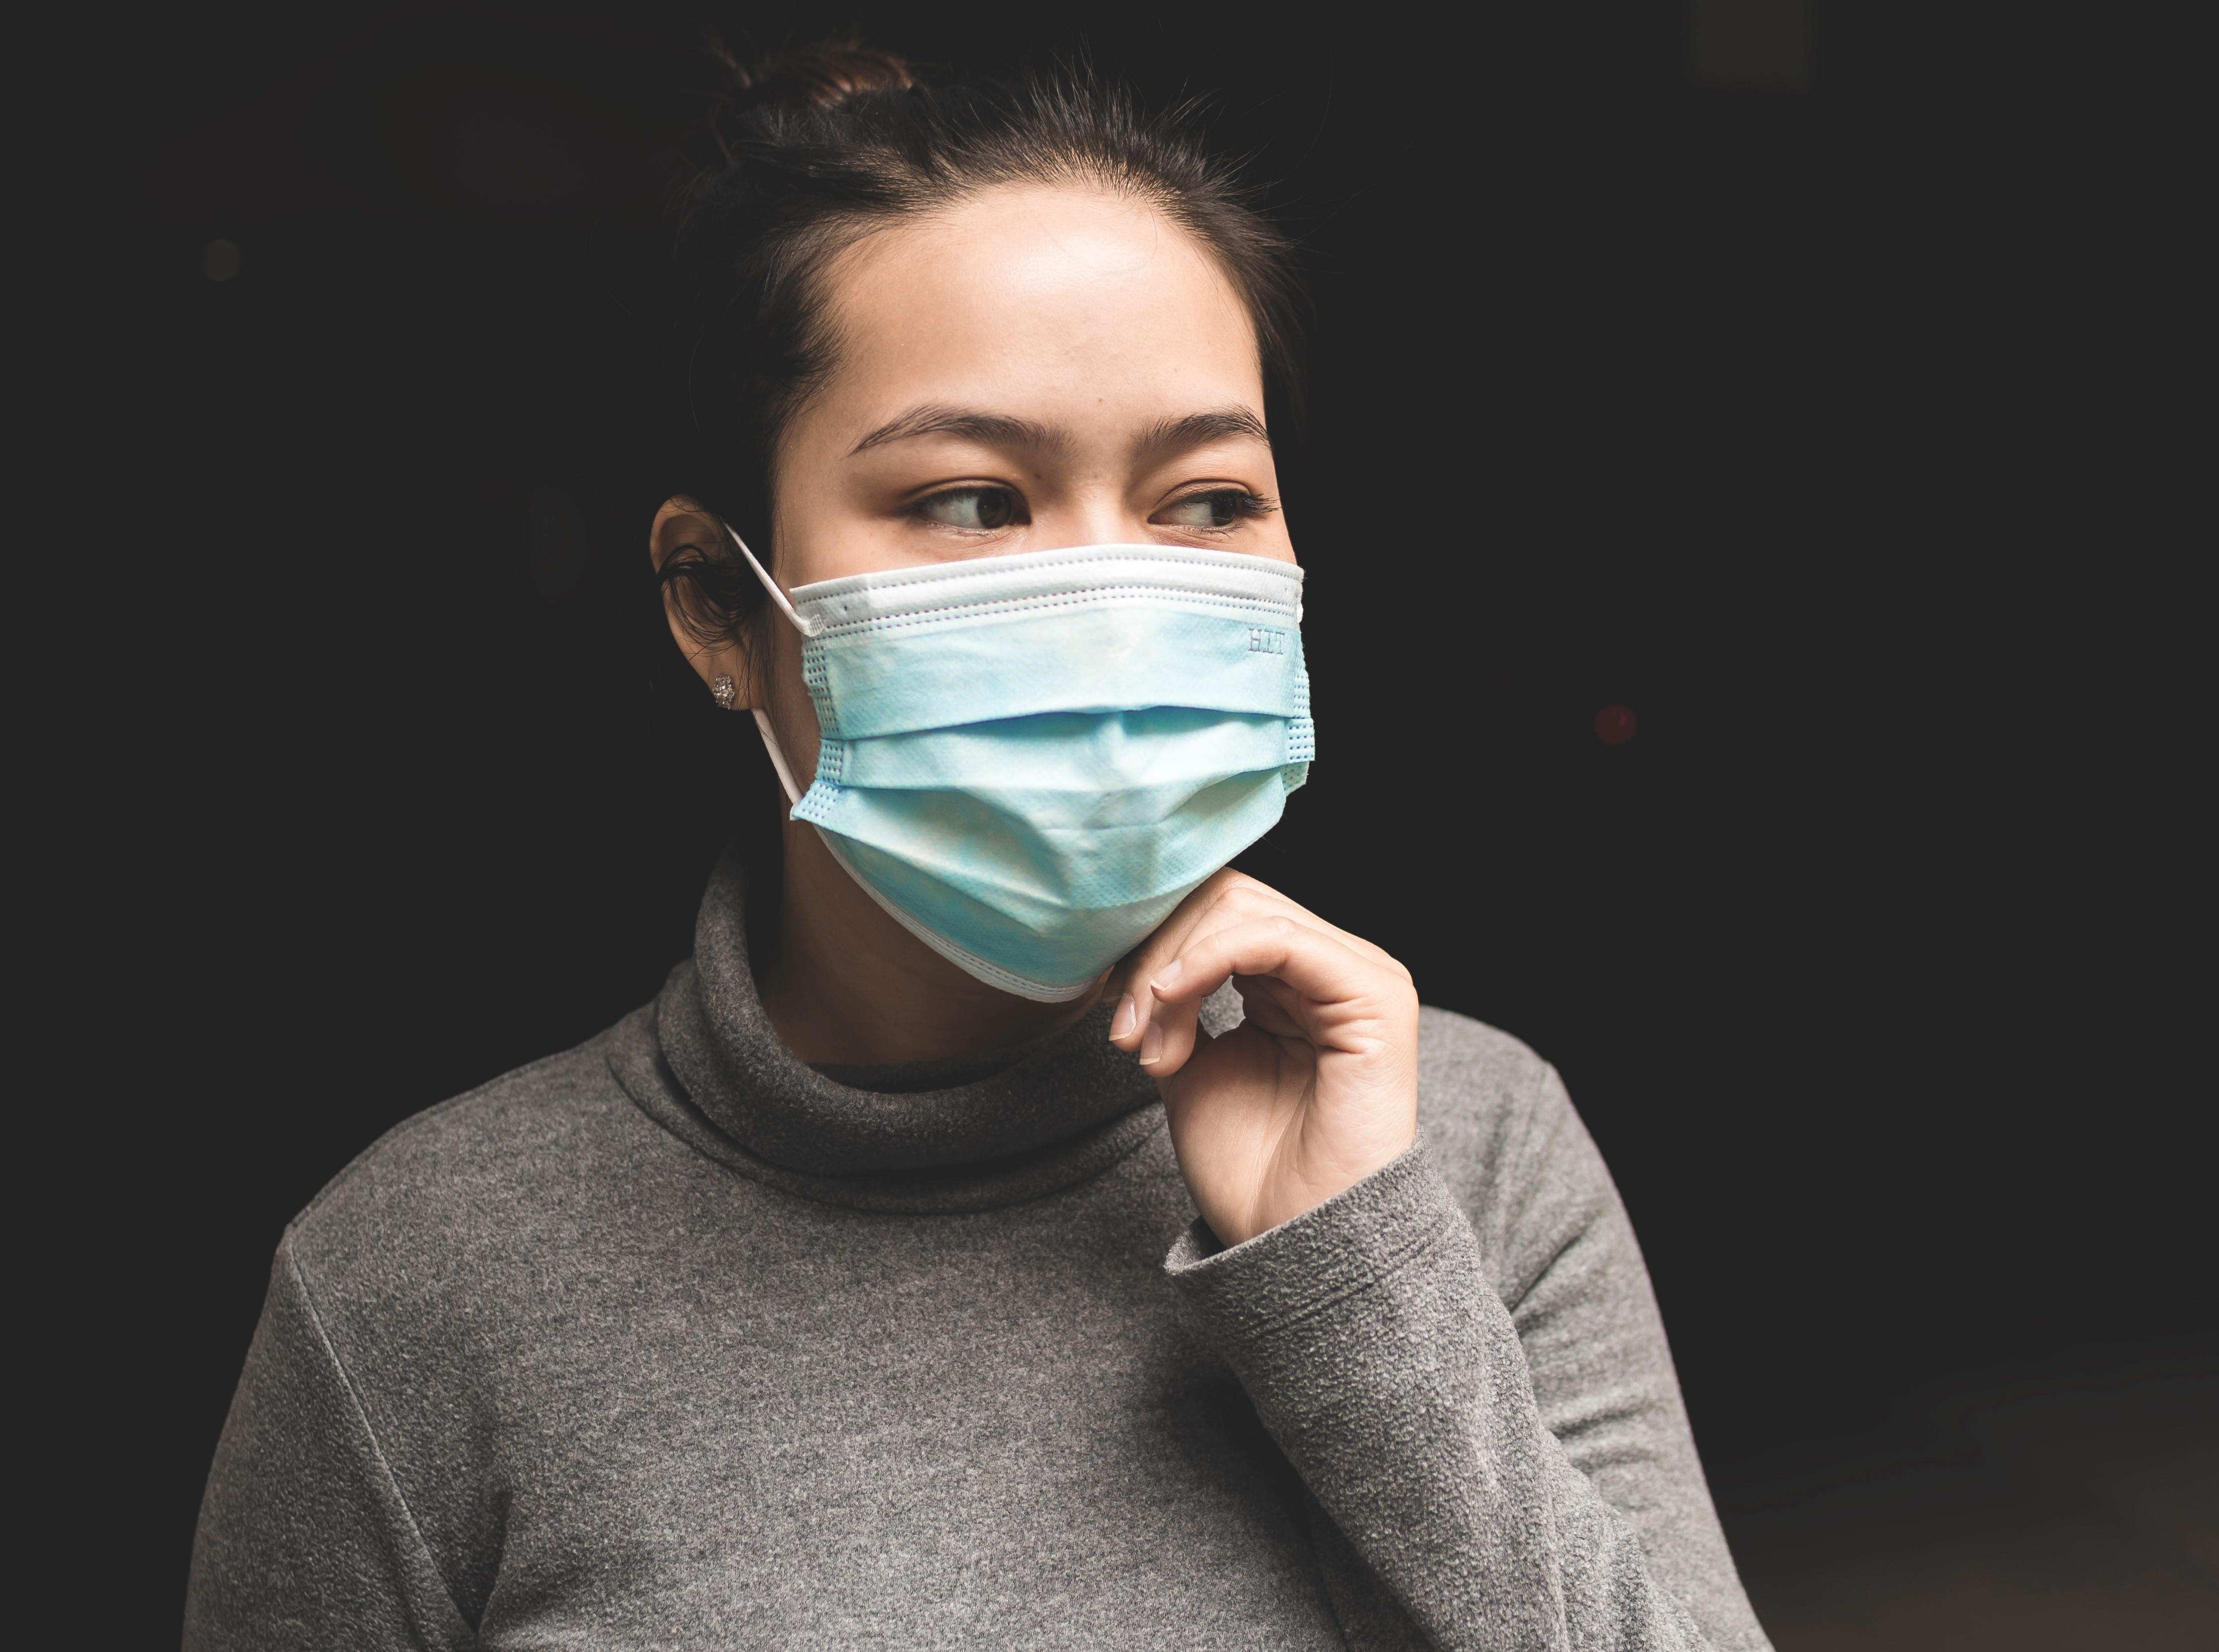 インフルエンザや花粉症予防に活躍!抗ウィルスマスクスプレーを作ろう